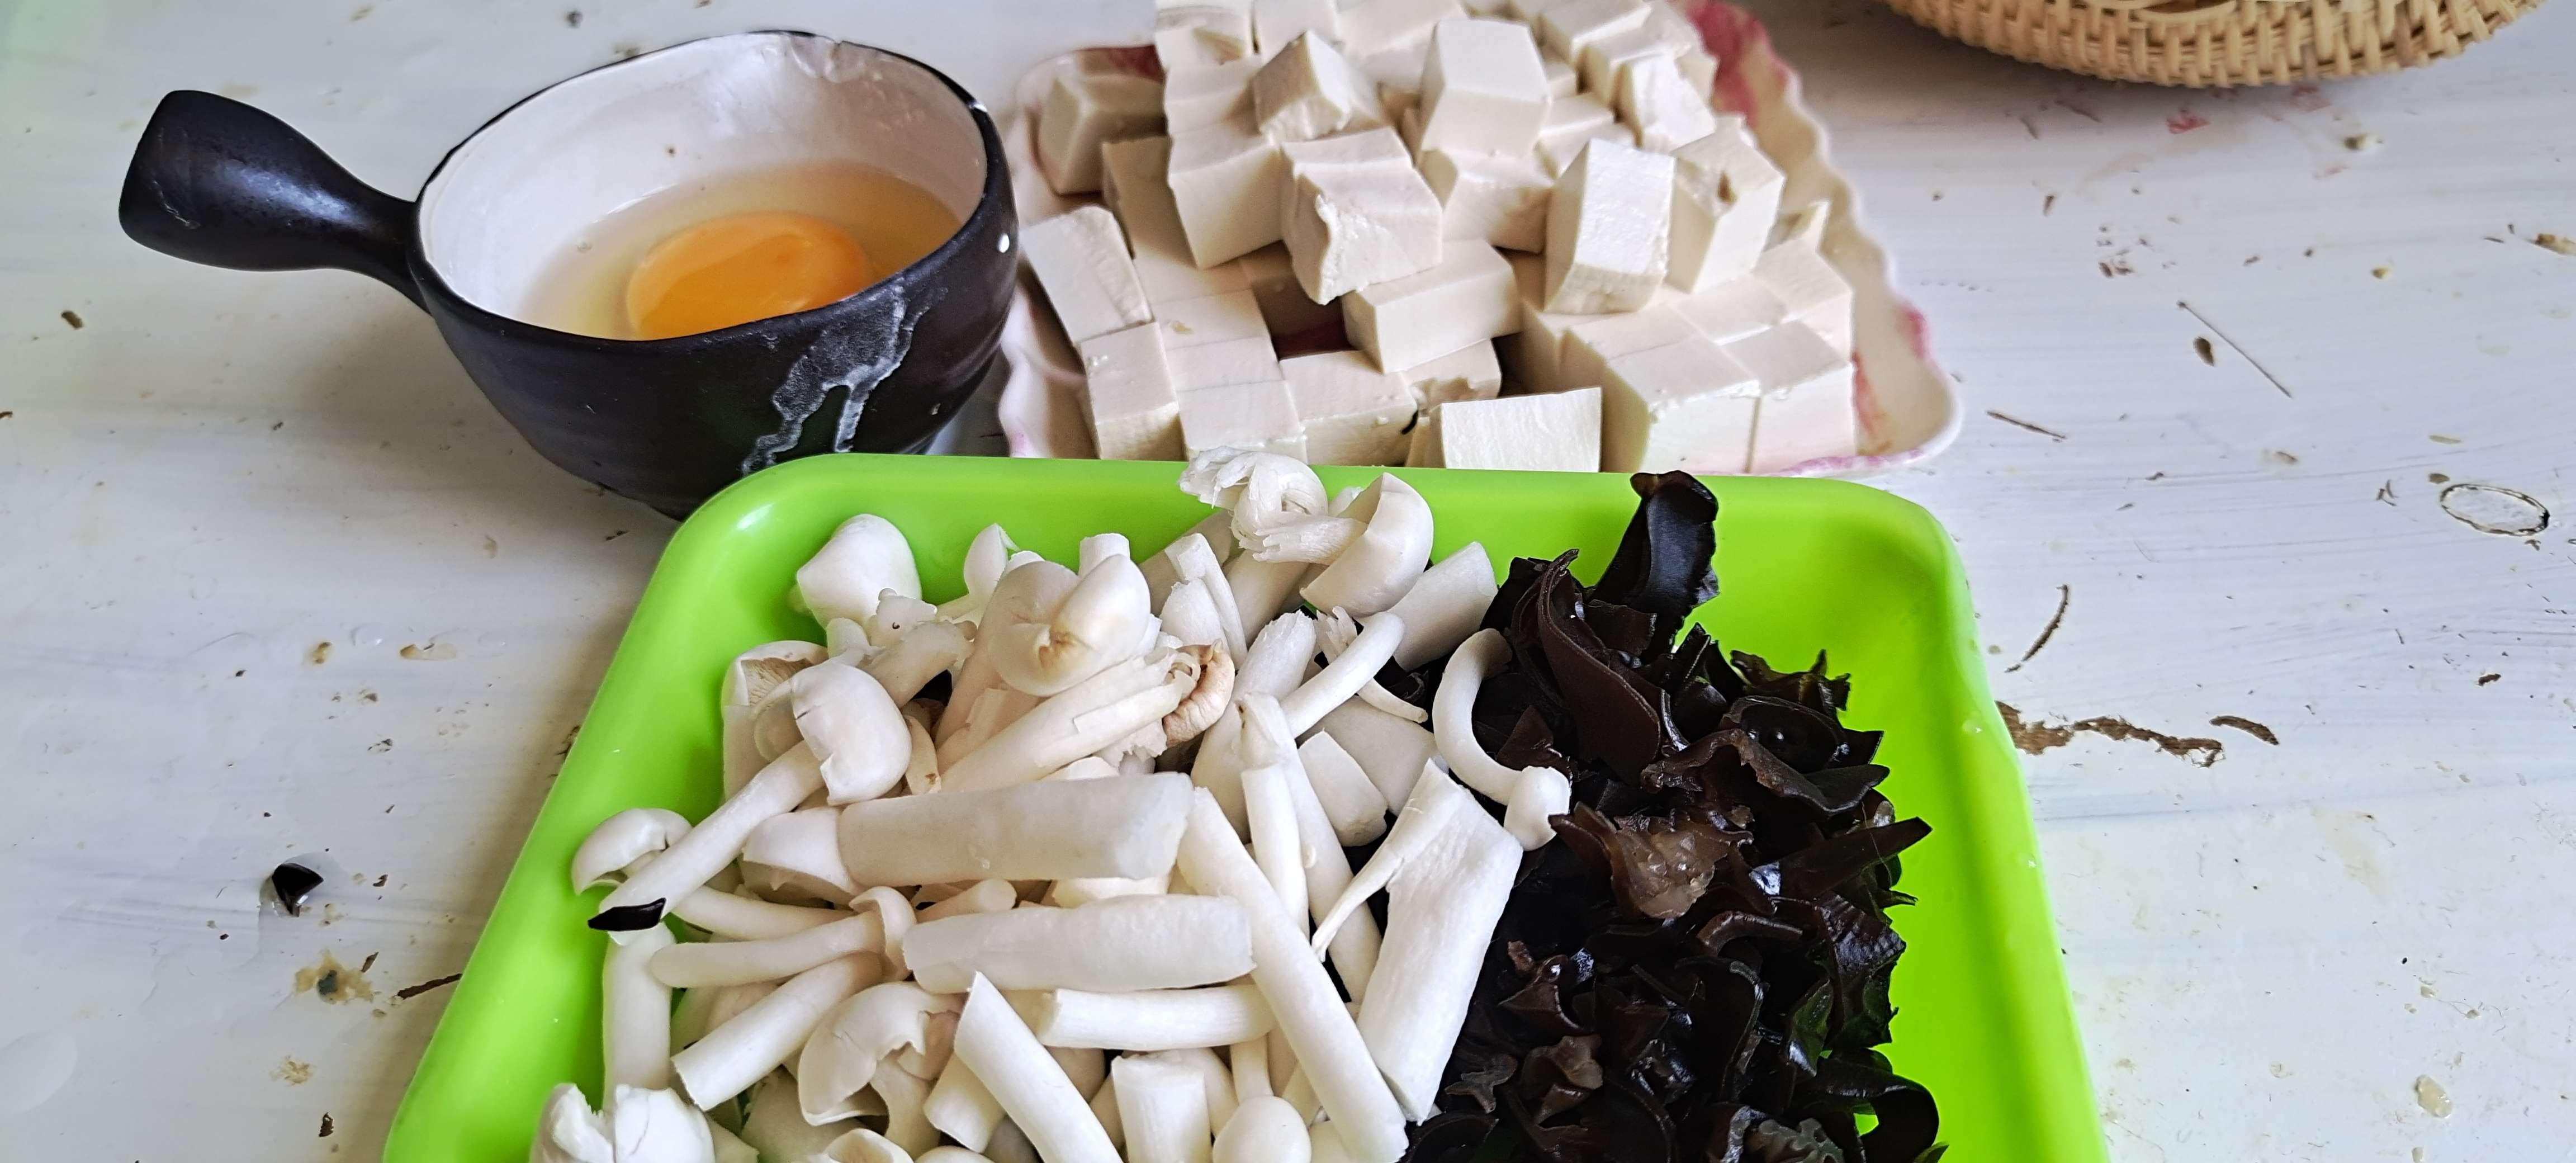 秋冬季的一碗暖身汤…酸辣豆腐羹的做法图解